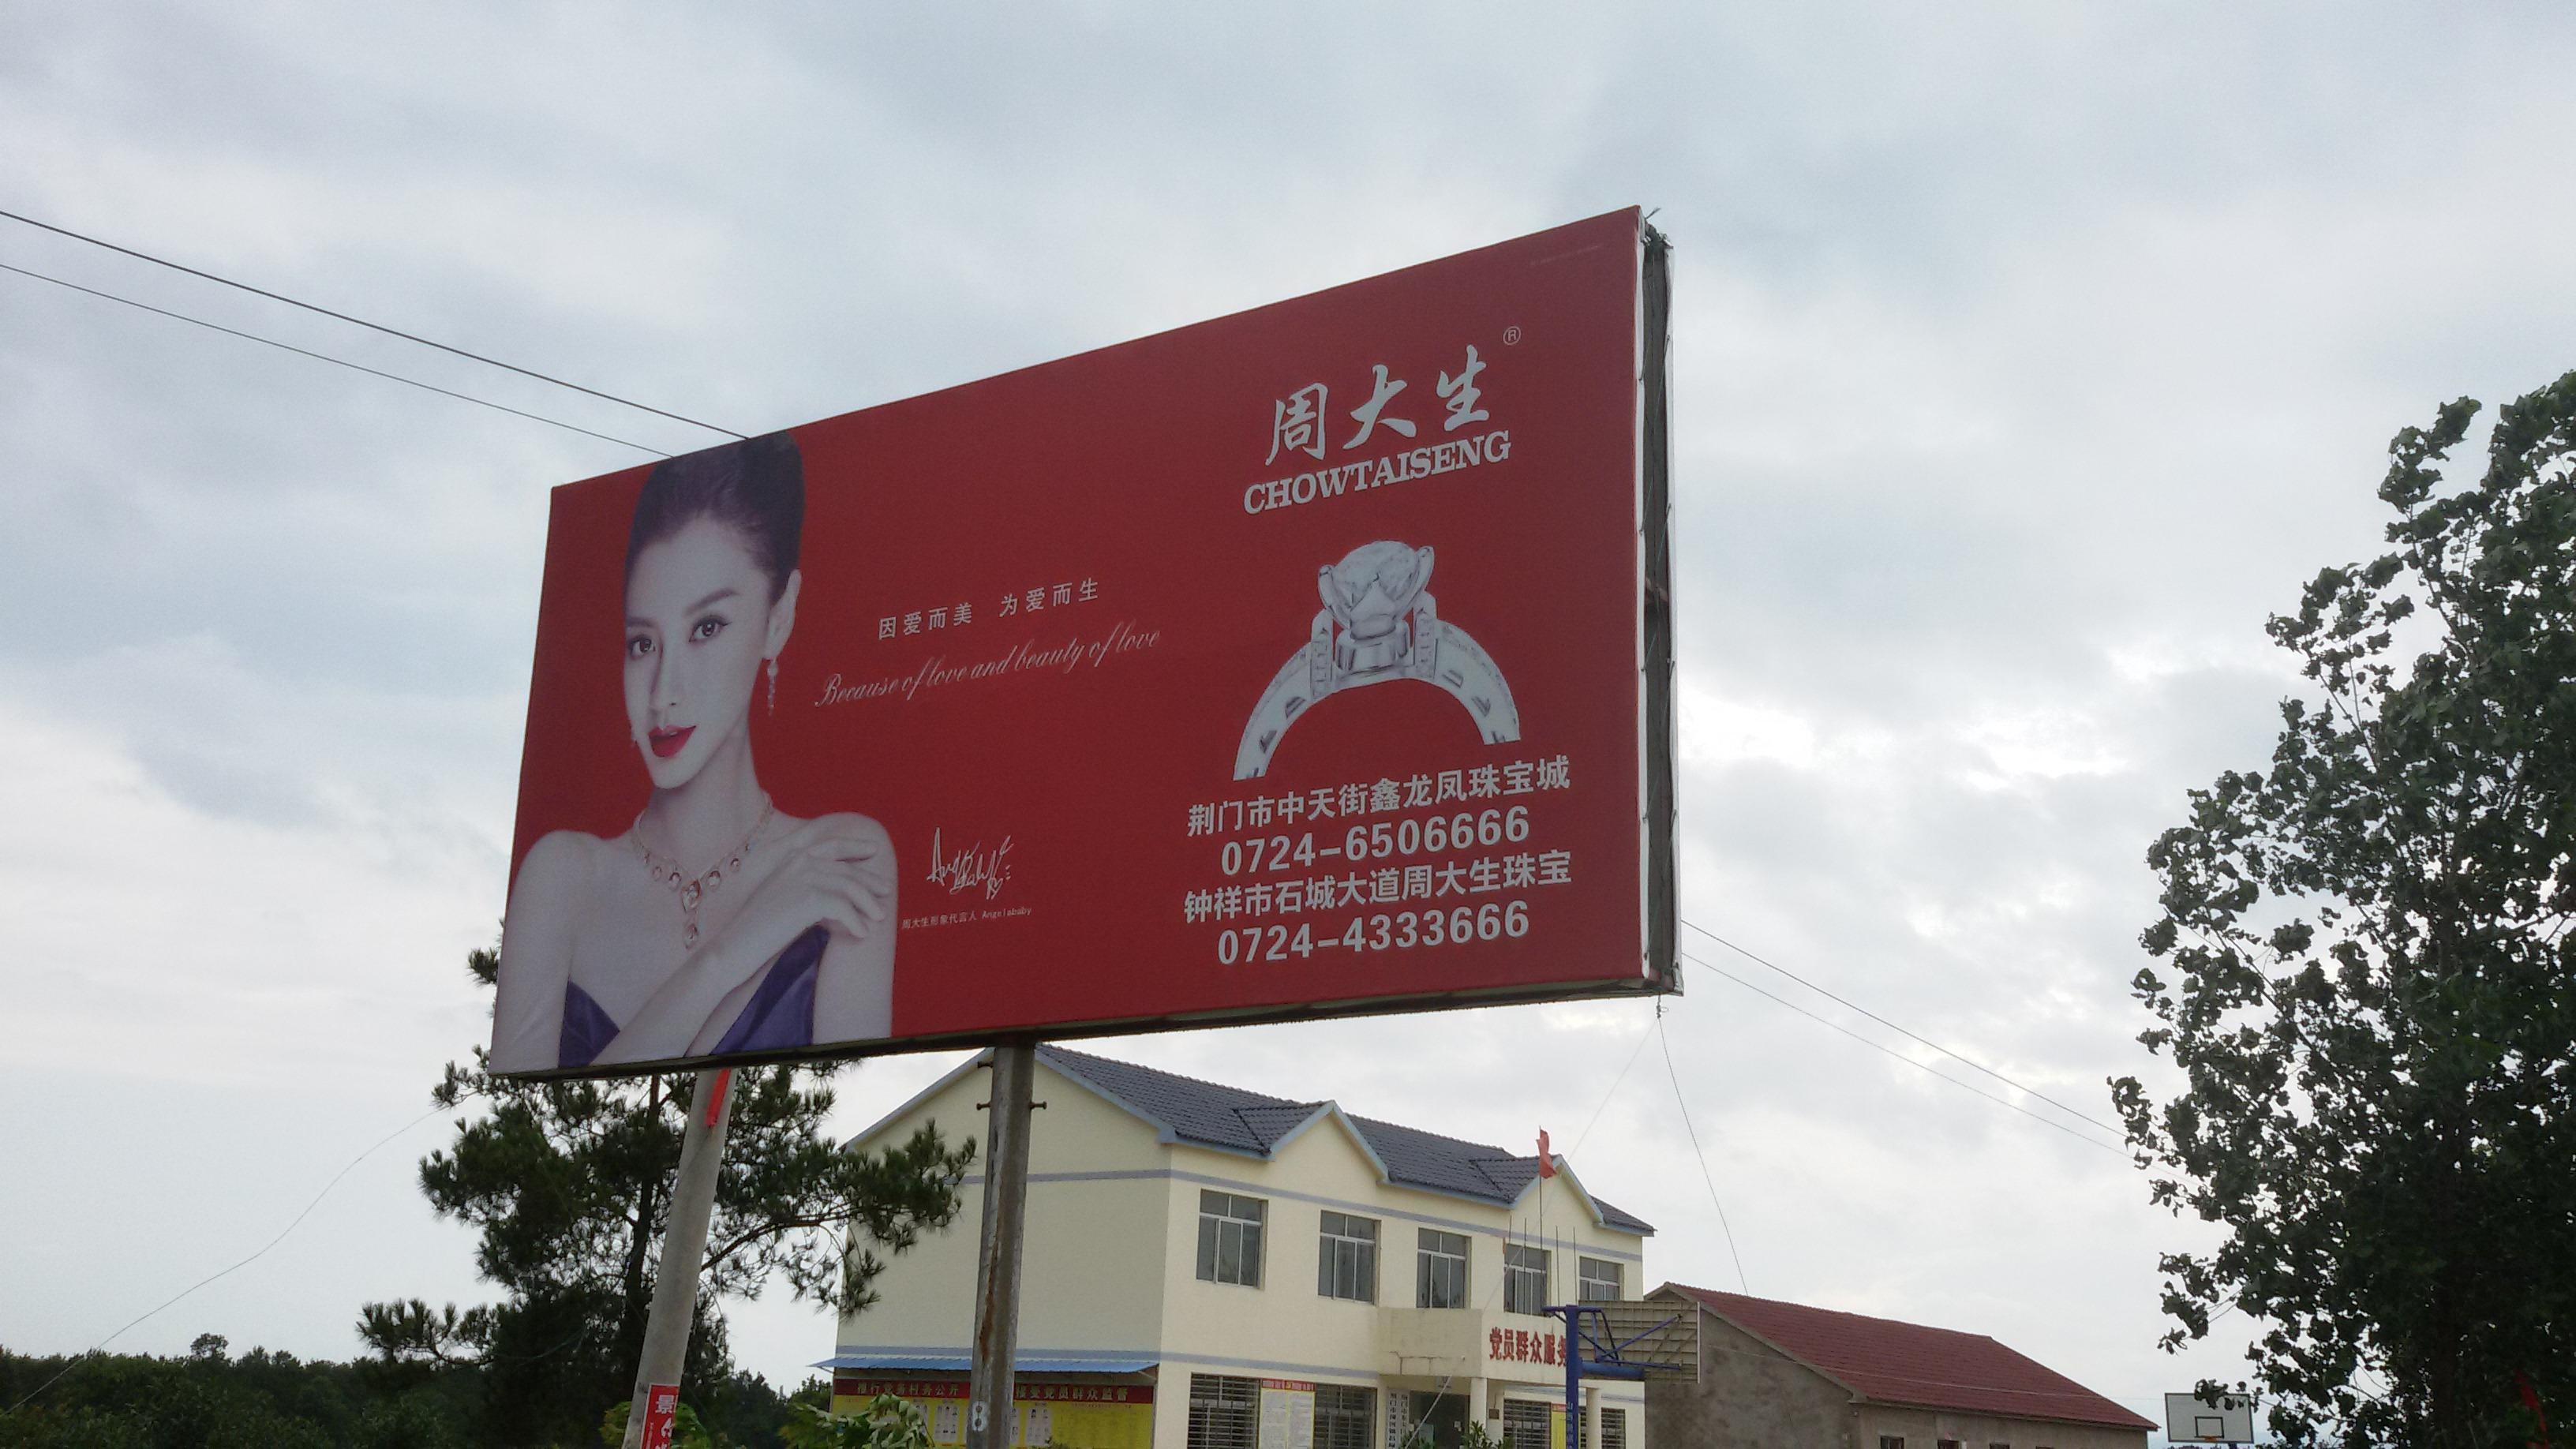 周大生户外广告